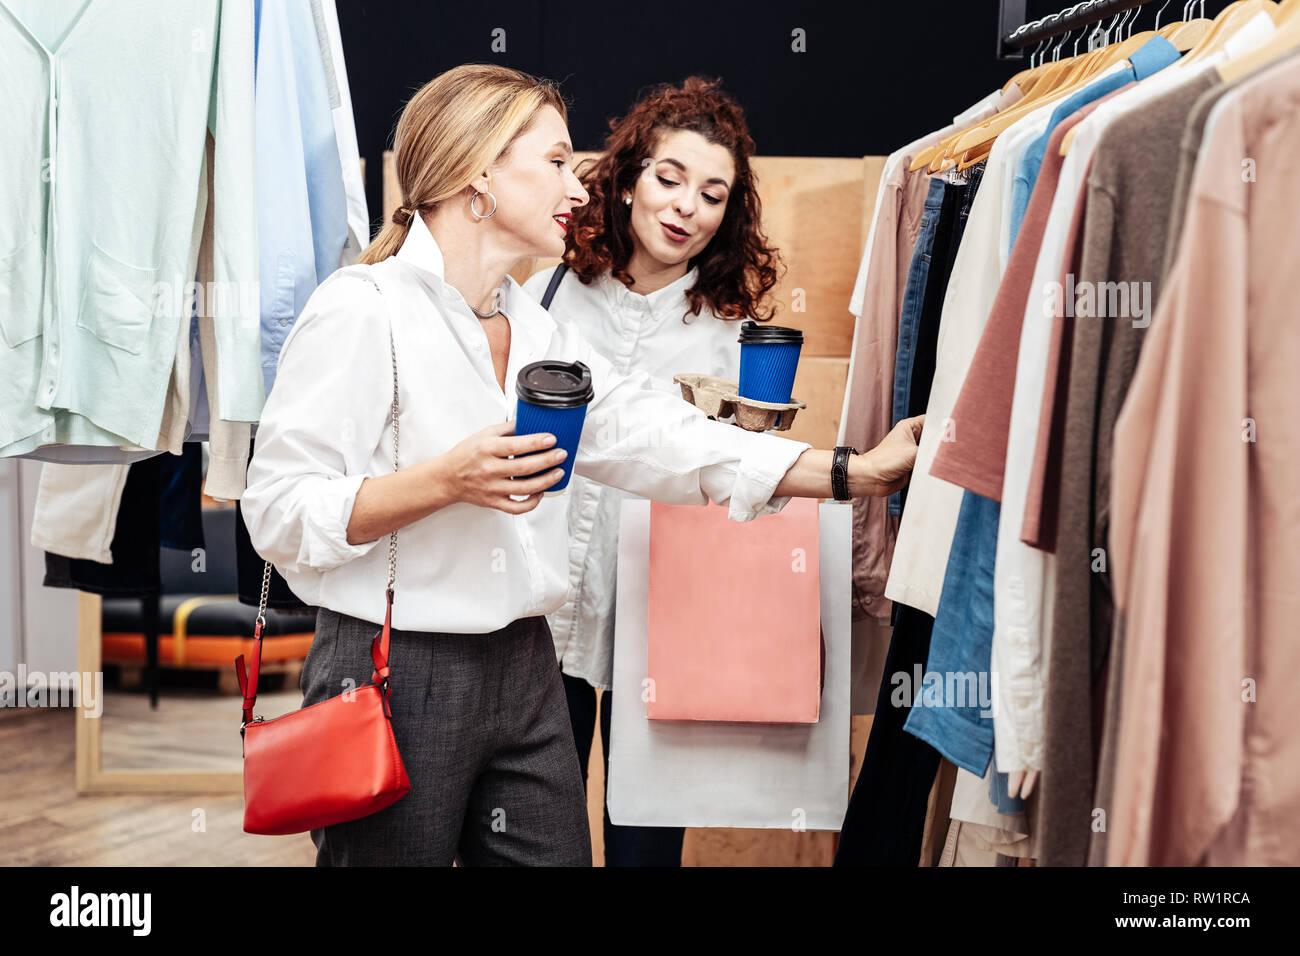 Figlia di dare consigli per sua madre in cerca di nuovi vestiti Foto Stock